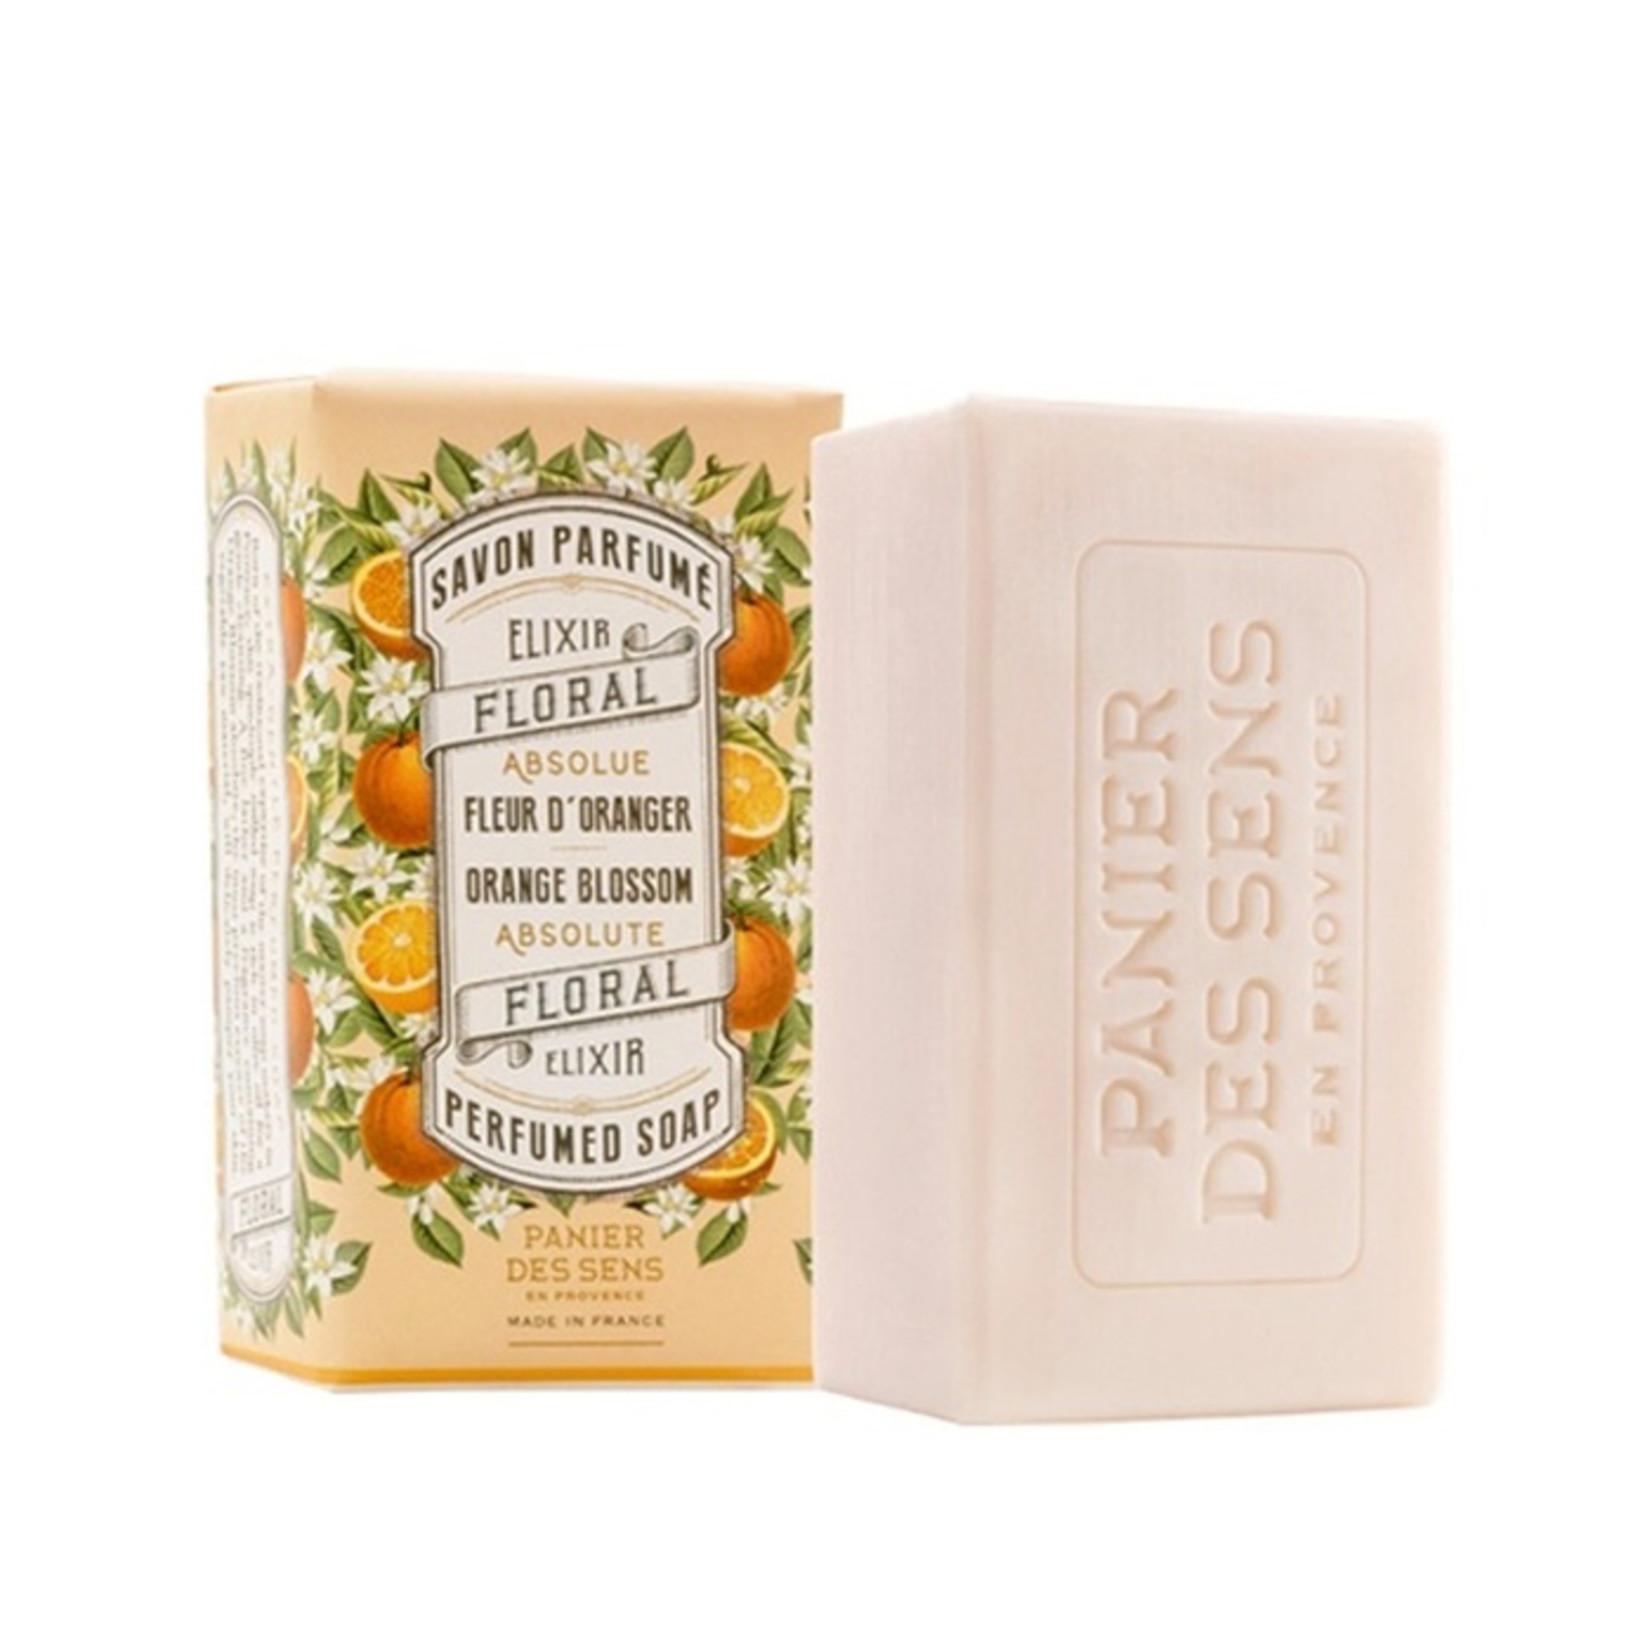 Panier Des Sens Vegetable Soap